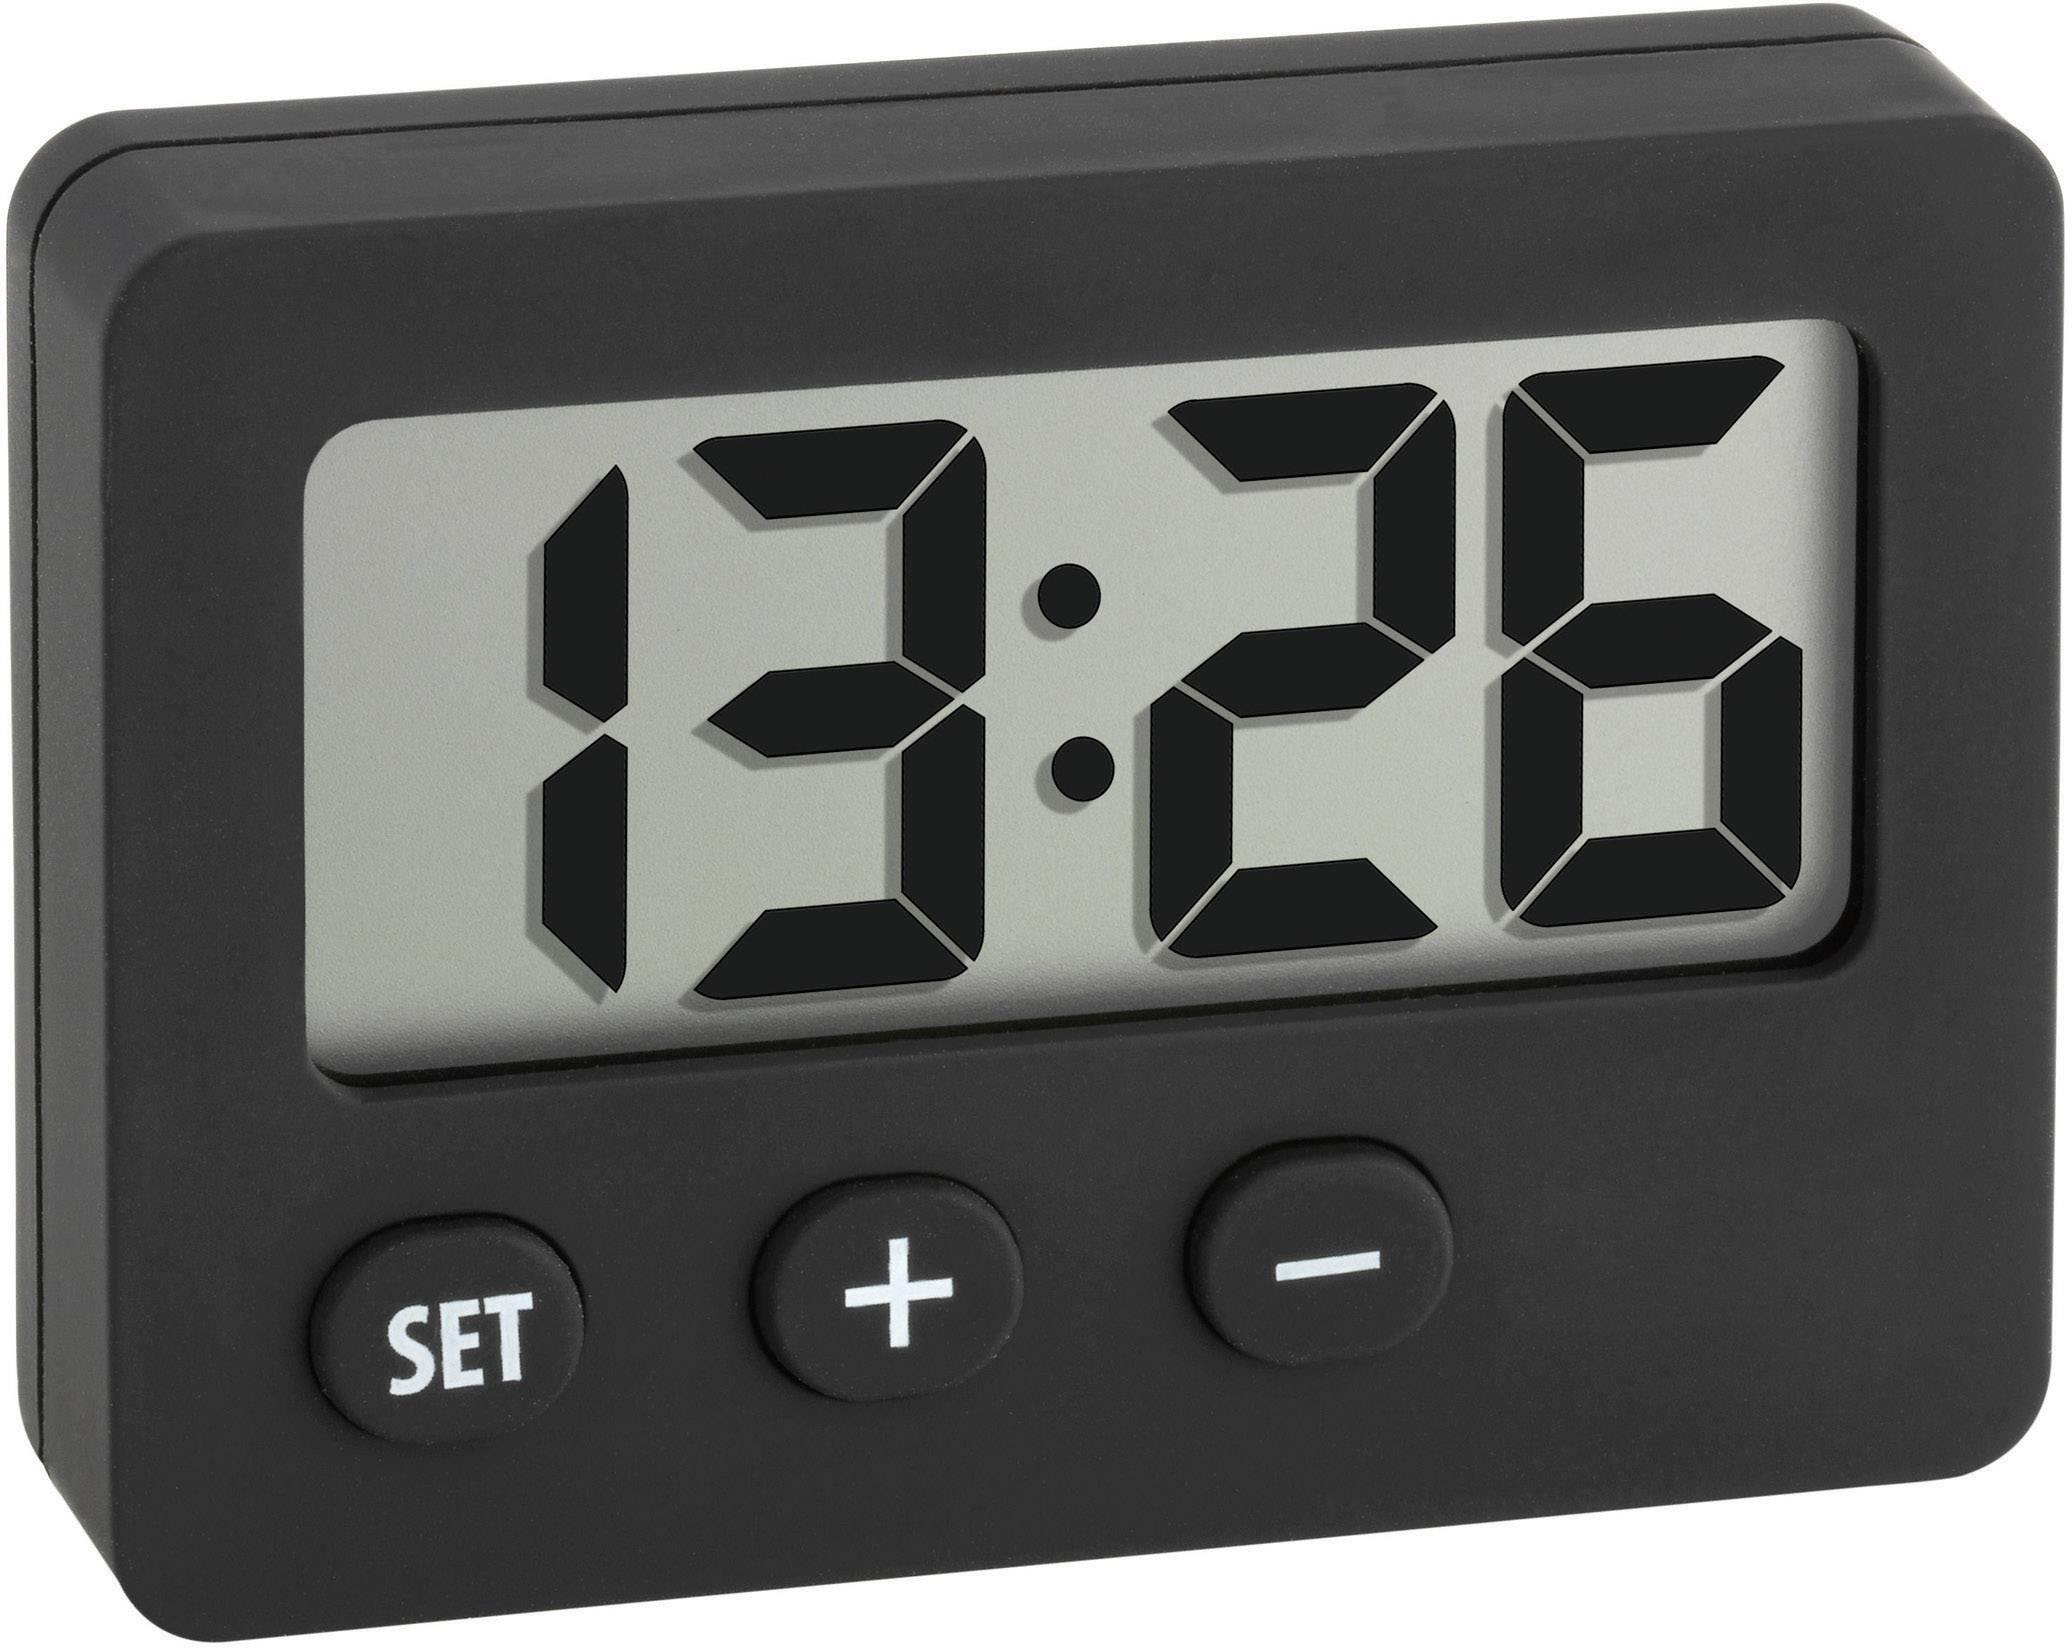 Digitálne hodiny 42 x 59 mm, čierne